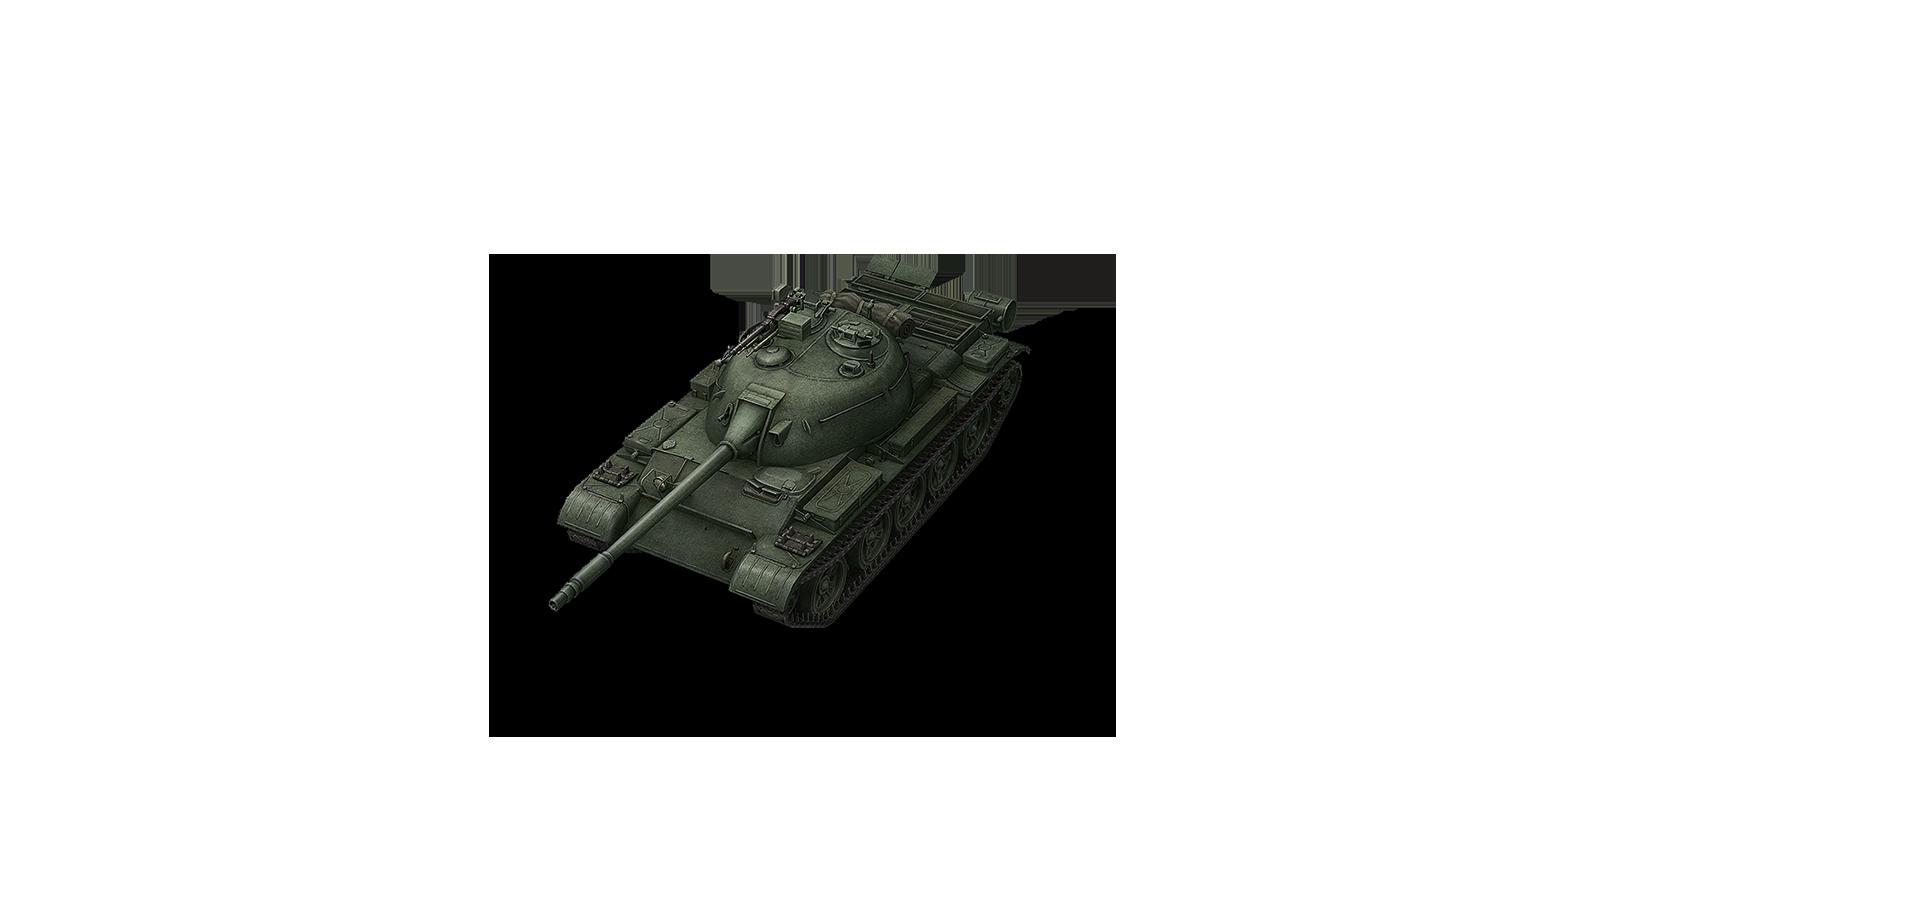 wot type 62 dragon review